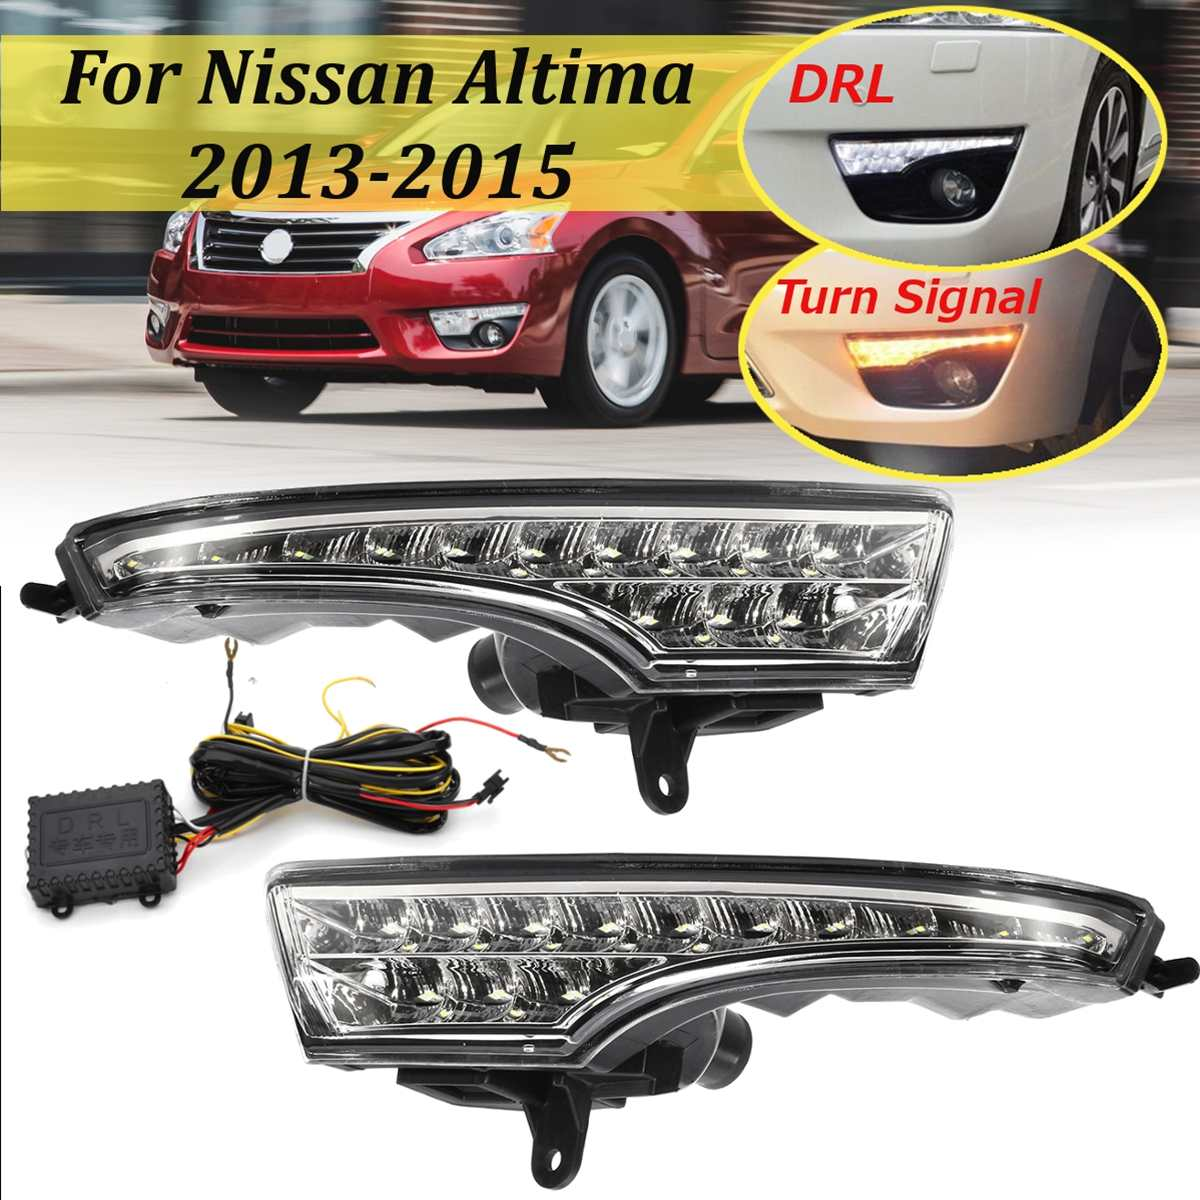 Led Drl for Nissan Altima Teana 2013 2014 2015 Daytime Running Light Front Bumper Driving Fog Lamp Daylight Headlight Turn Blink